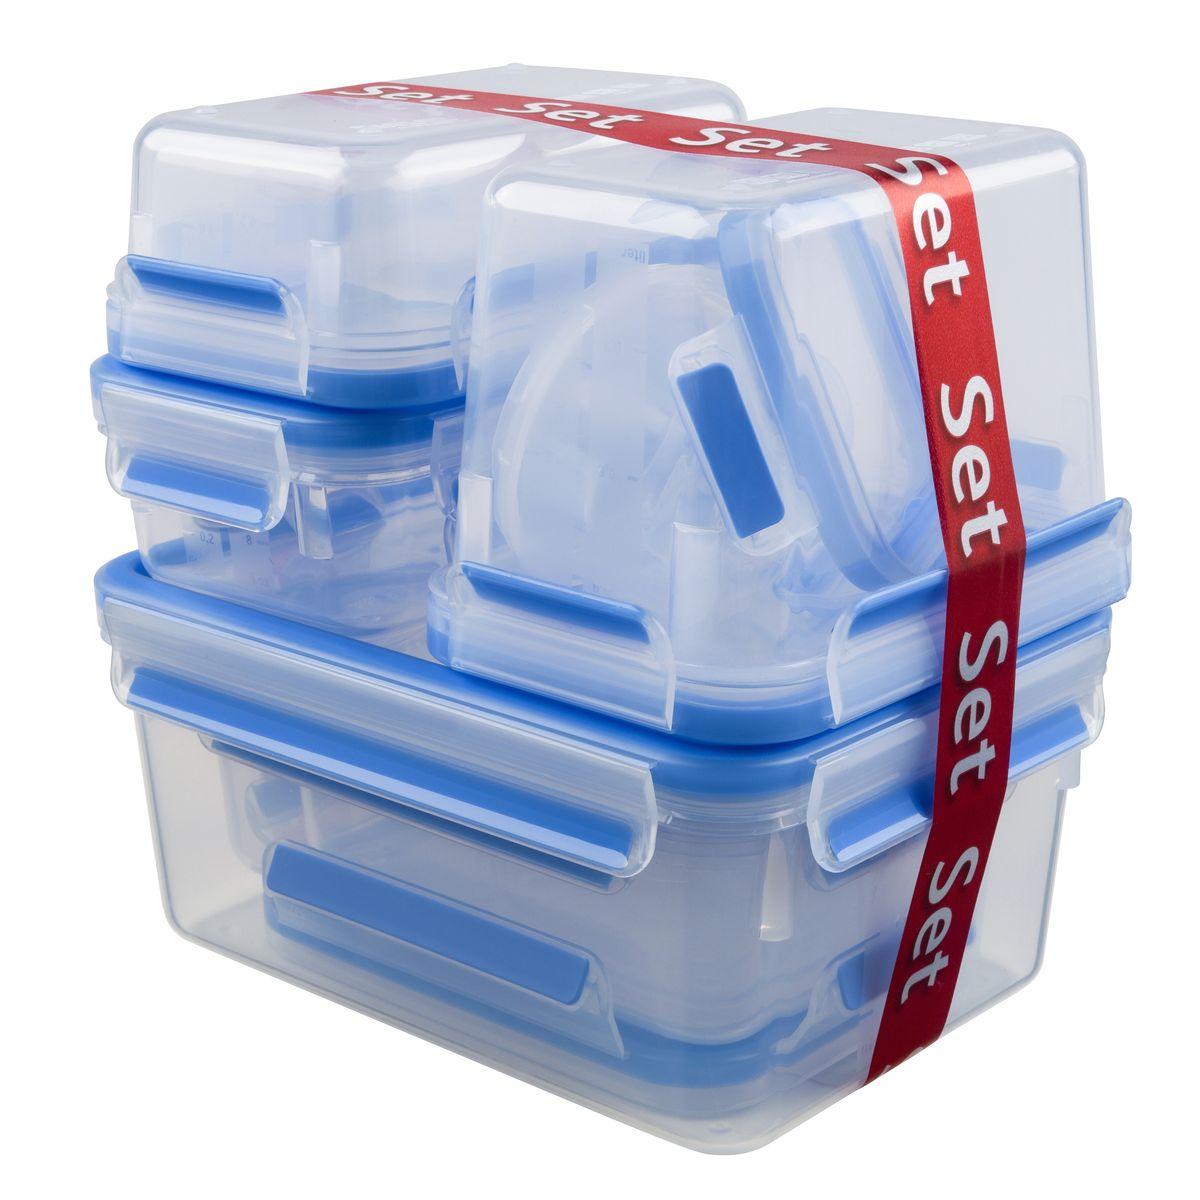 Набор контейнеров Emsa Clip&Close, 9 шт. 515481515481Набор из 9-ти пластиковых контейнеров для хранения продуктов, объёмы: 0.15 л (размеры: 9.2 x 5.9 см) 0.25 л (размеры: 10.2 x 10.2 x 5.9 см) 0.55 л х 3 шт (размеры: 16.3 x 11.3 x 5.8 см) 0.55 л с 2-мя отделениями (размеры: 16.3 x 11.3 x 5.8 см) 1.00 л (размеры: 19.7 x 13.6 x 7.2 см) 1.10 л (размеры: 26.3 x 19.5 x 11 см) 2.30 л (размеры: 26.3 x 19.5 x 11 см) Контейнеры изготовлены из высококачественного антибактериального пищевого пластика, имеющего сертификат BPA-free, который выдерживает температуру от -40°С до +110°С, не впитывает запахи и не изменяет цвет. Это абсолютно гигиеничный продукт, который подходит для хранения даже детского питания. - 100% герметичность – идеально не только для хранения, но и для транспортировки пищи. Герметичность достигается за счет специальных силиконовых прослоек, которые позволяют использовать контейнер для хранения не только пищи, но и жидкости. В таком контейнере продукты долгое время сохраняют свою свежесть –до 4-х раз дольше по сравнению с...